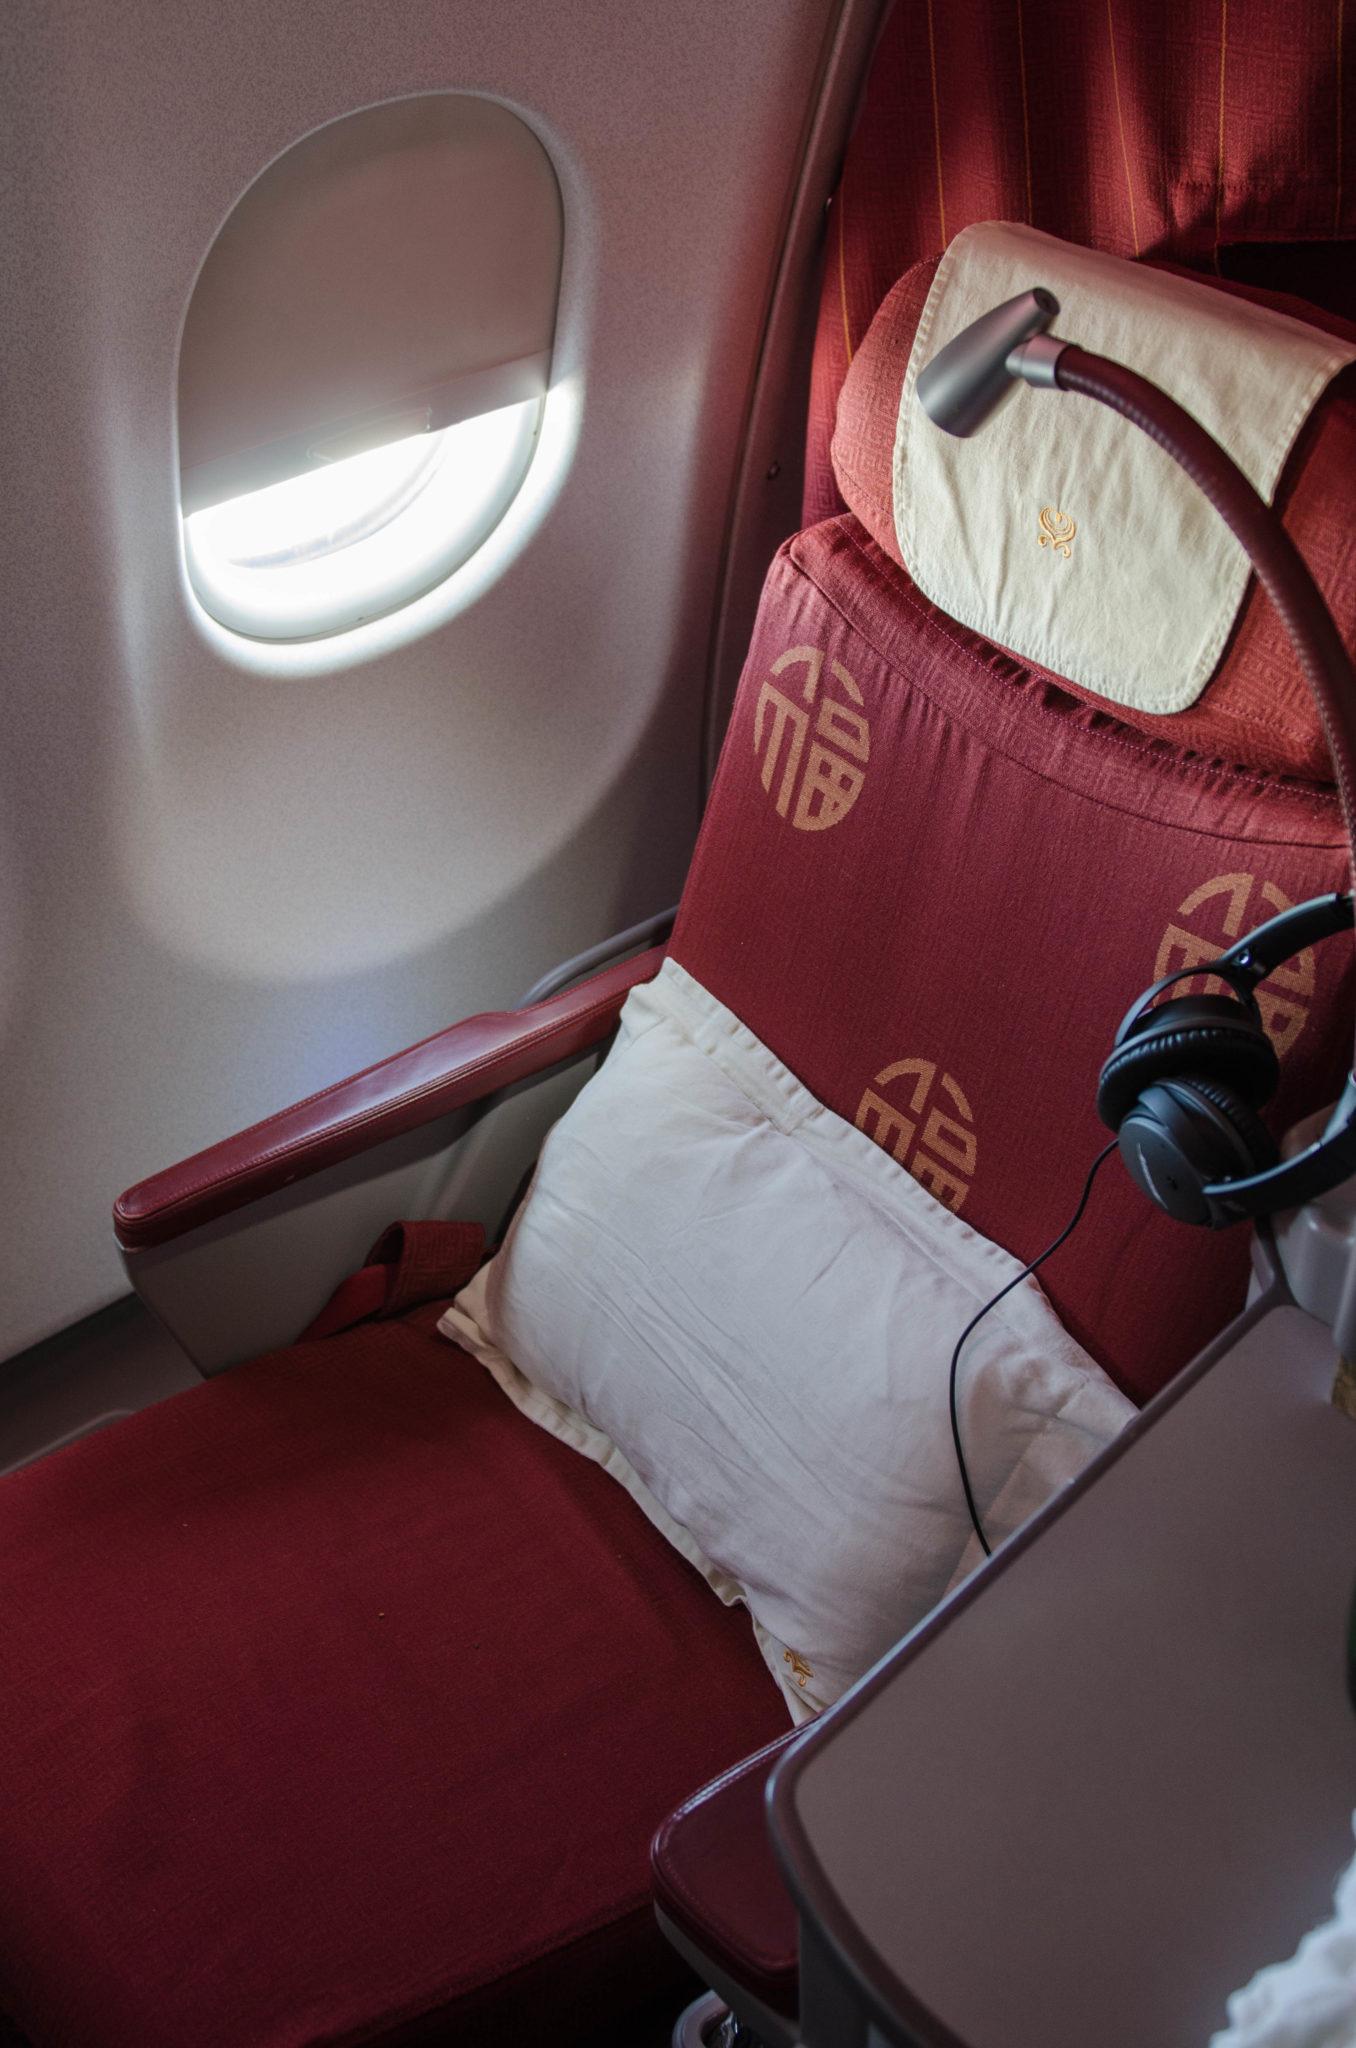 Kopfhörer und eine kleine Lampe sorgen für den nötigen Komfort in der Hainan Business Class